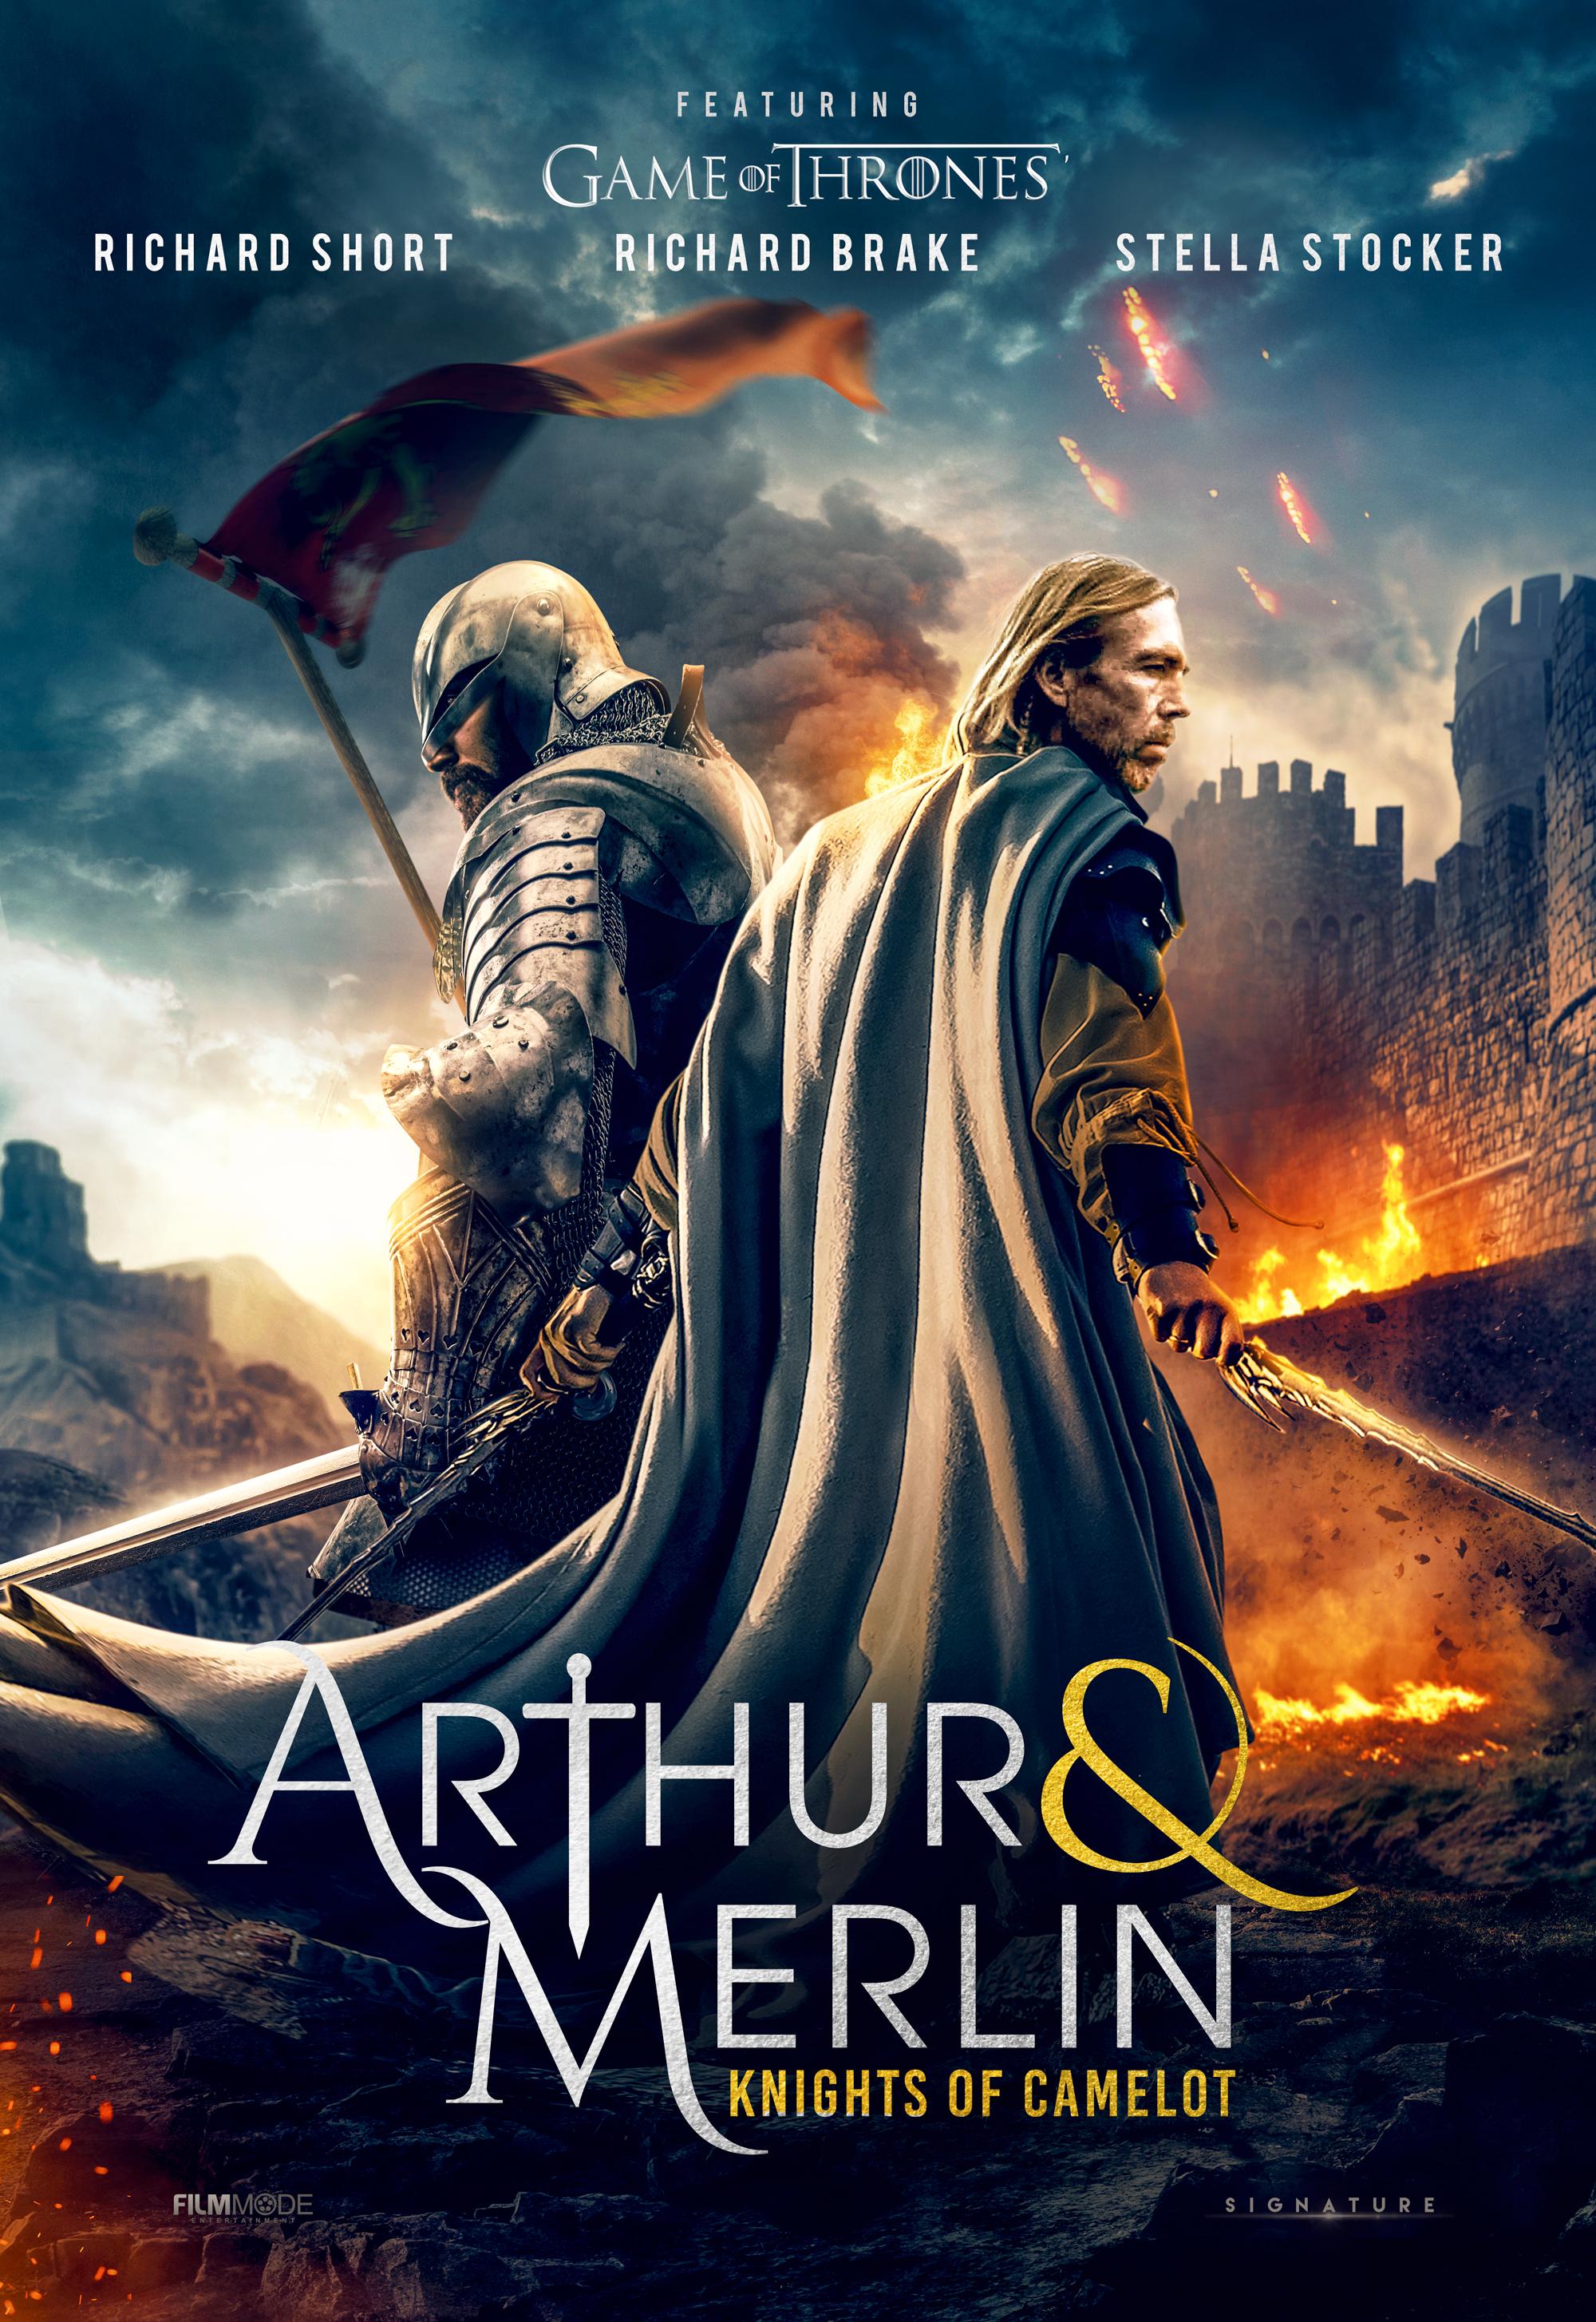 Arthur & Merlin: Knights of Camelot (2020) - IMDb